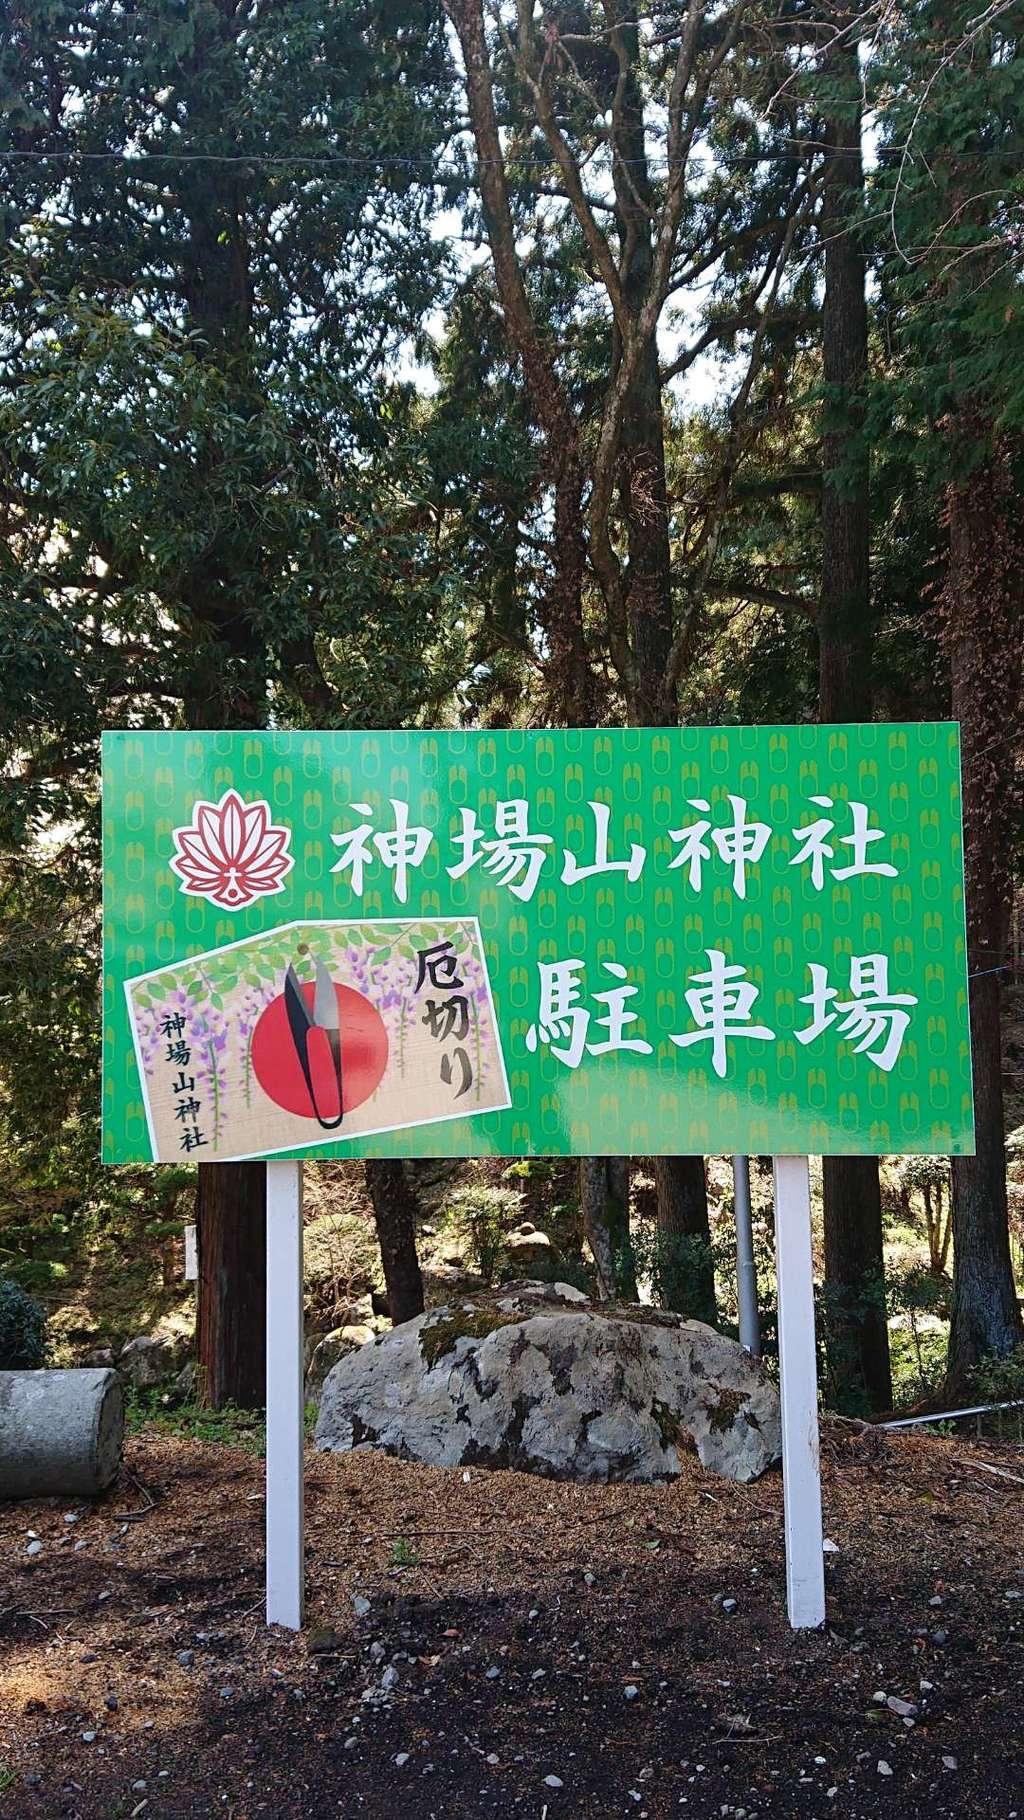 神場山神社の建物その他